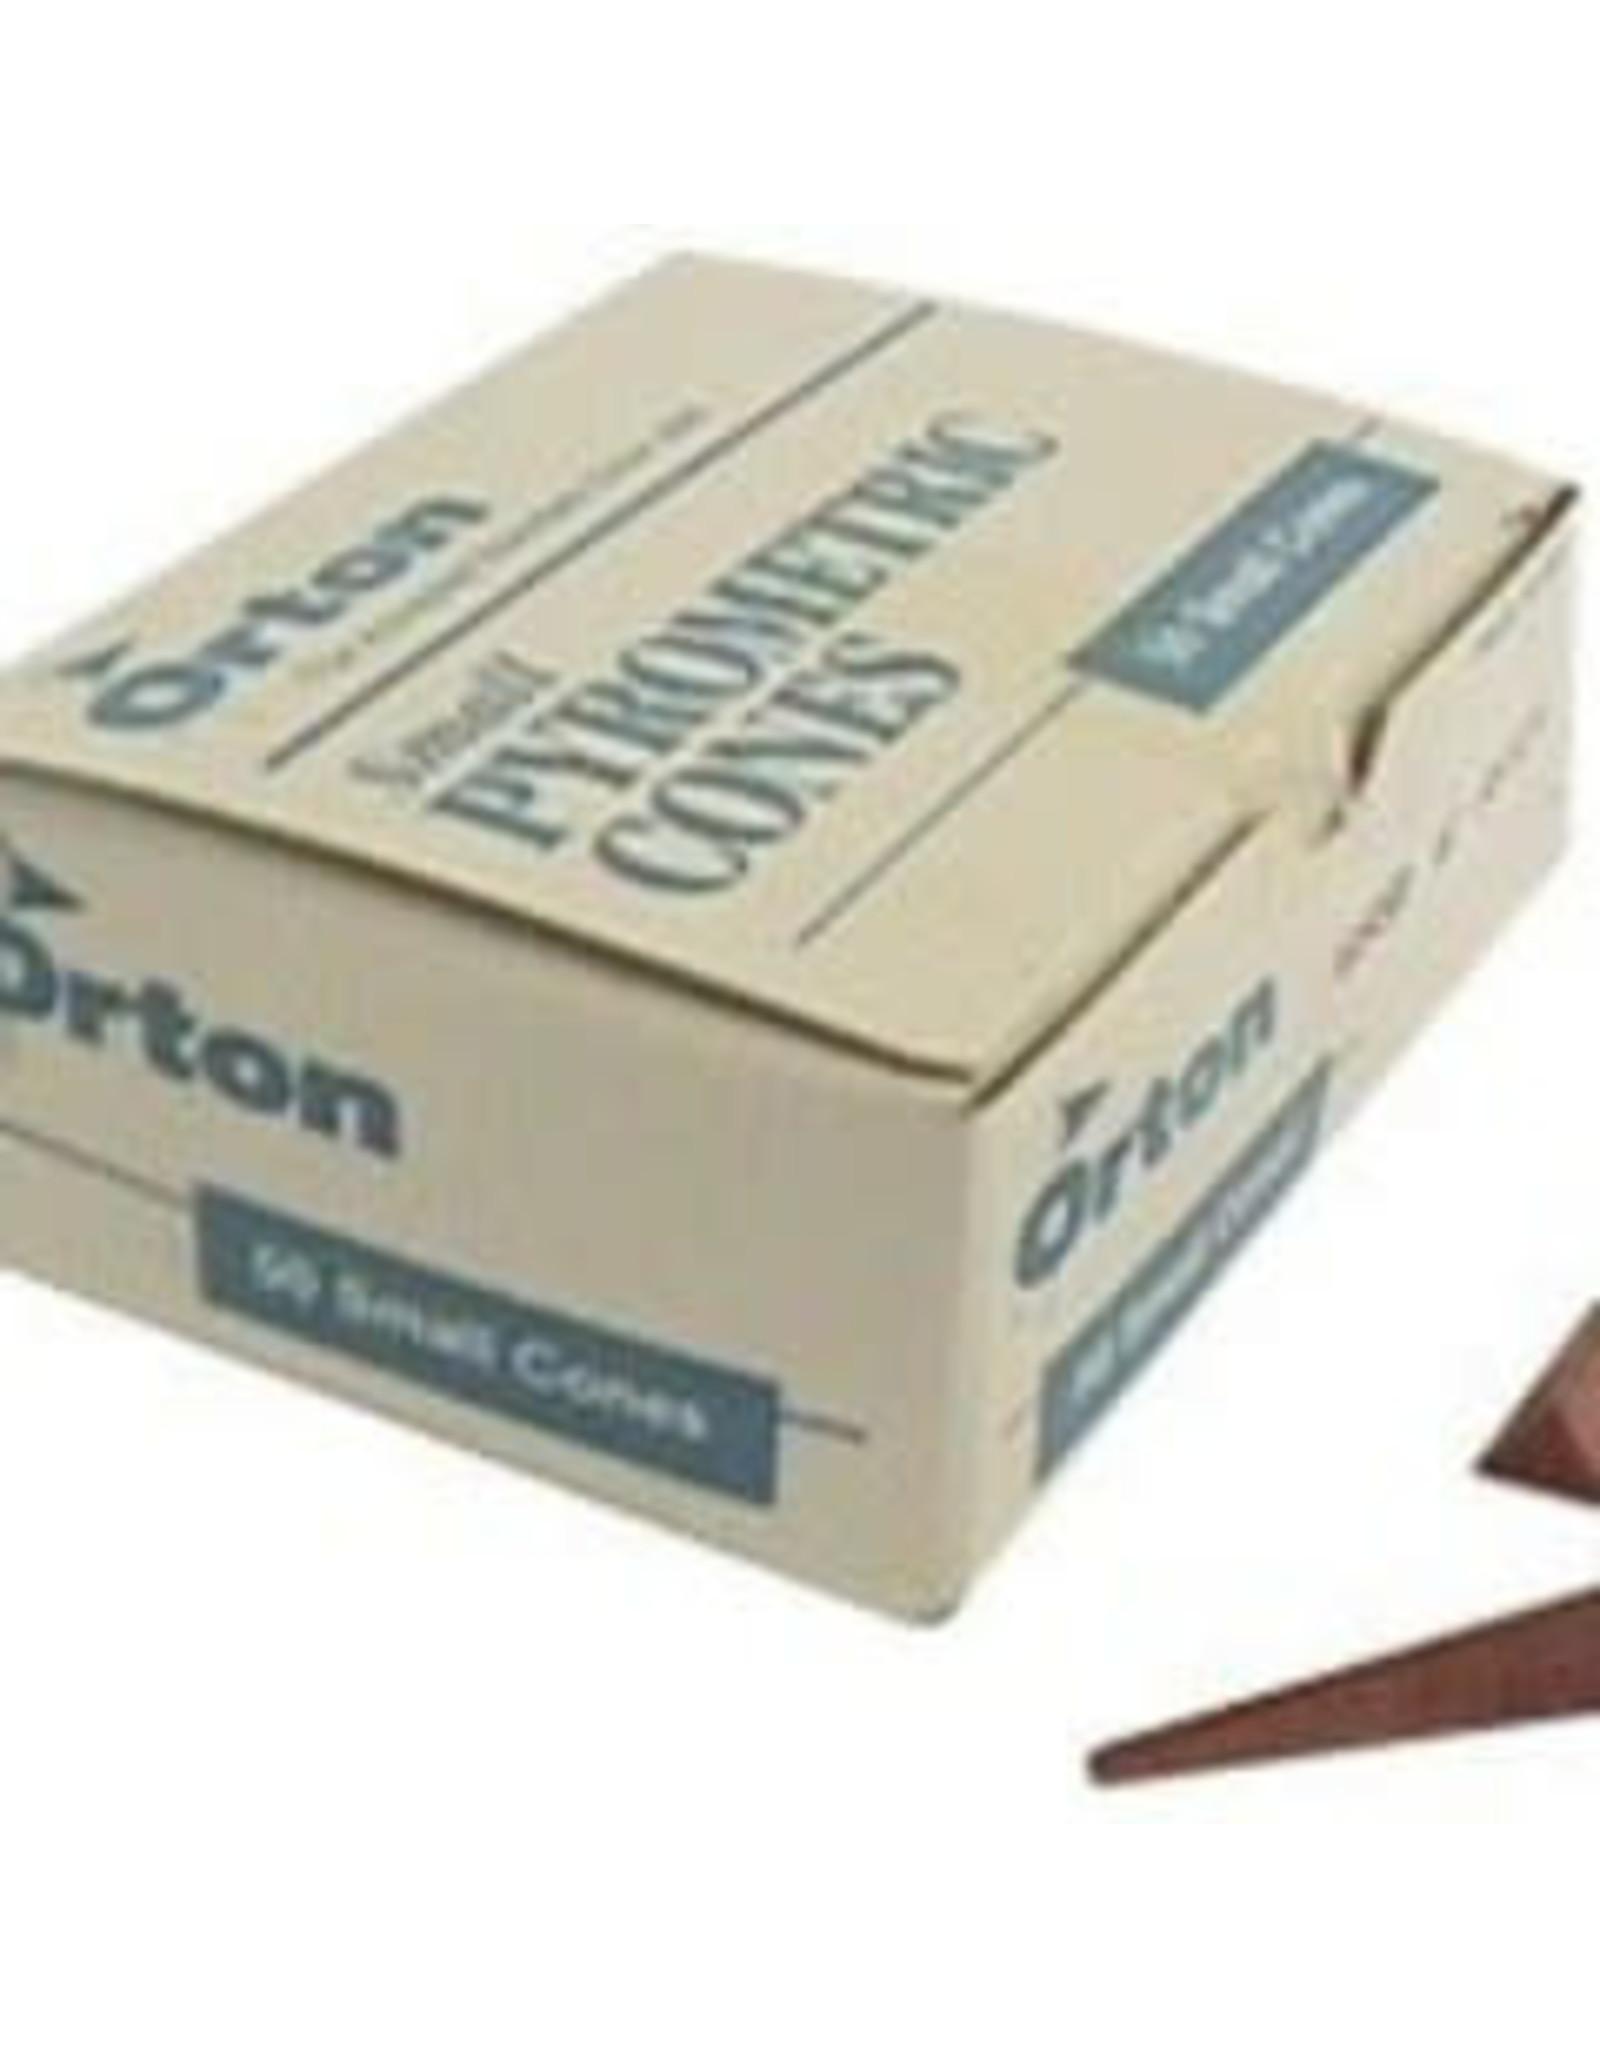 Orton small cone 015 (x50)